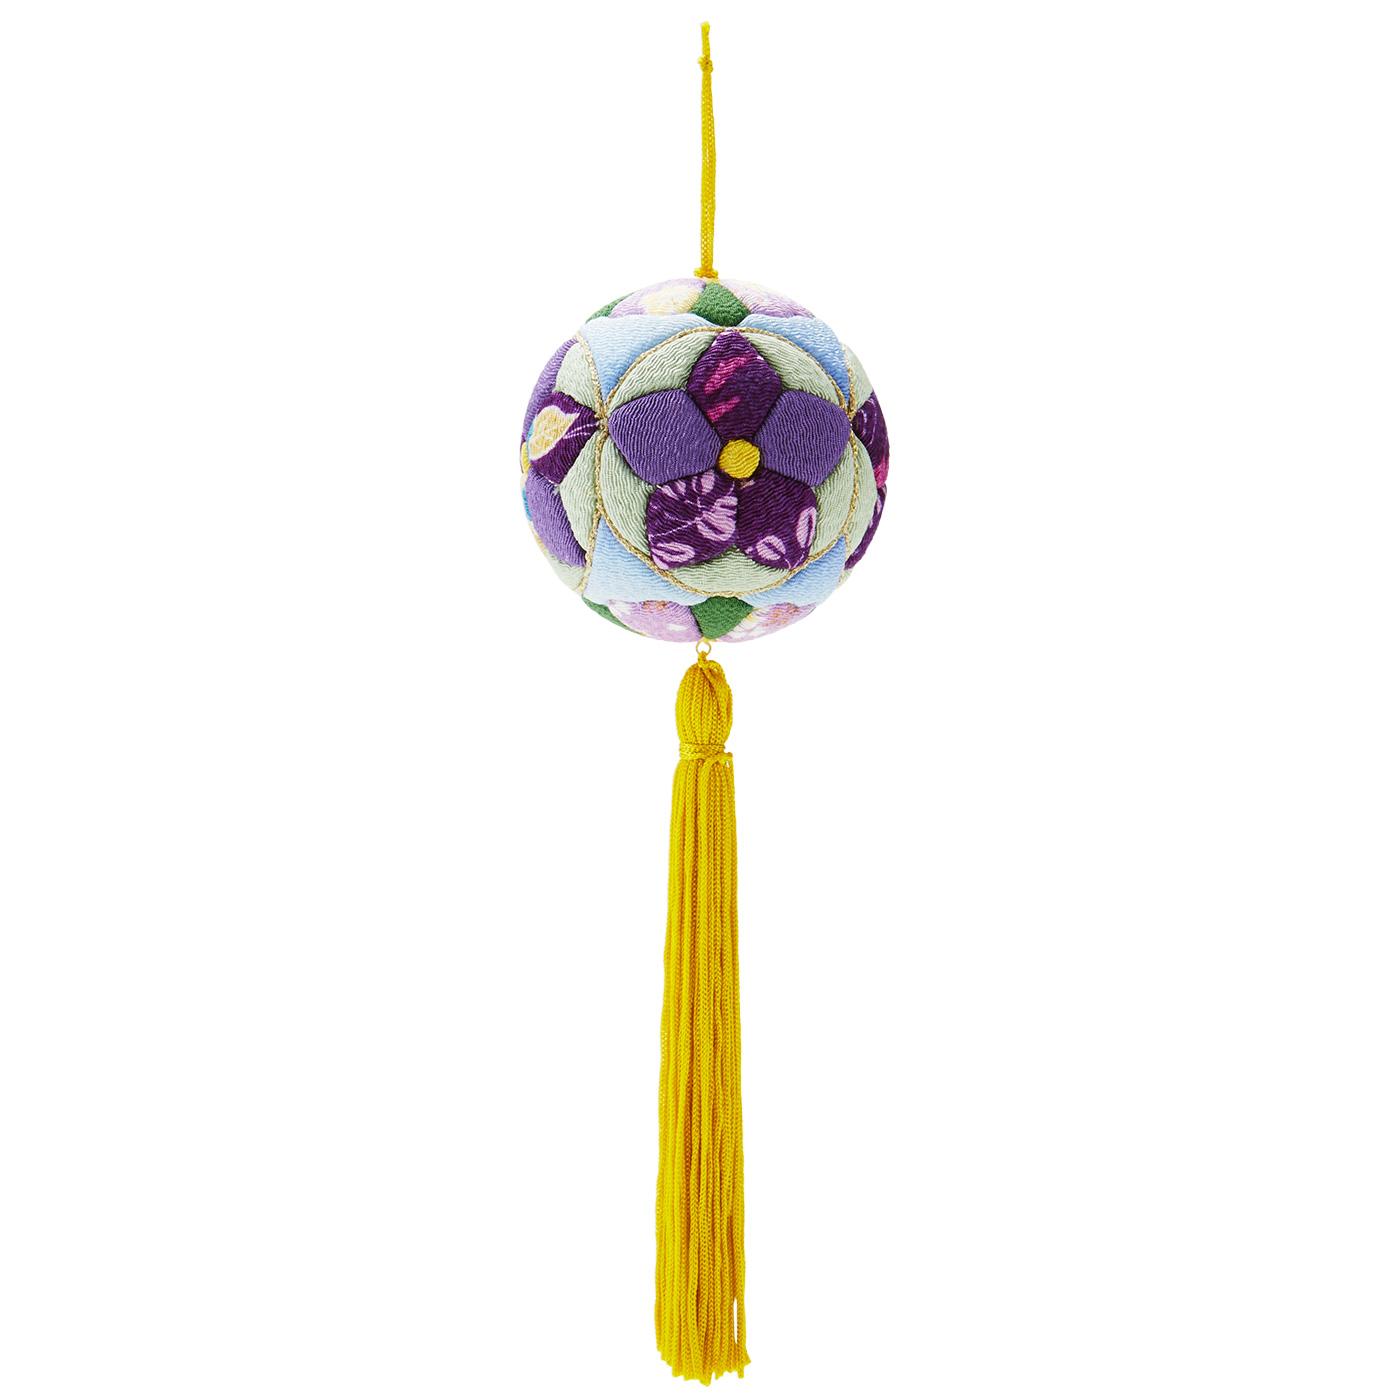 桔梗 丸の中に収めた桔梗と「四方剣片喰(しほうけんかたばみ)」の組み合わせ。